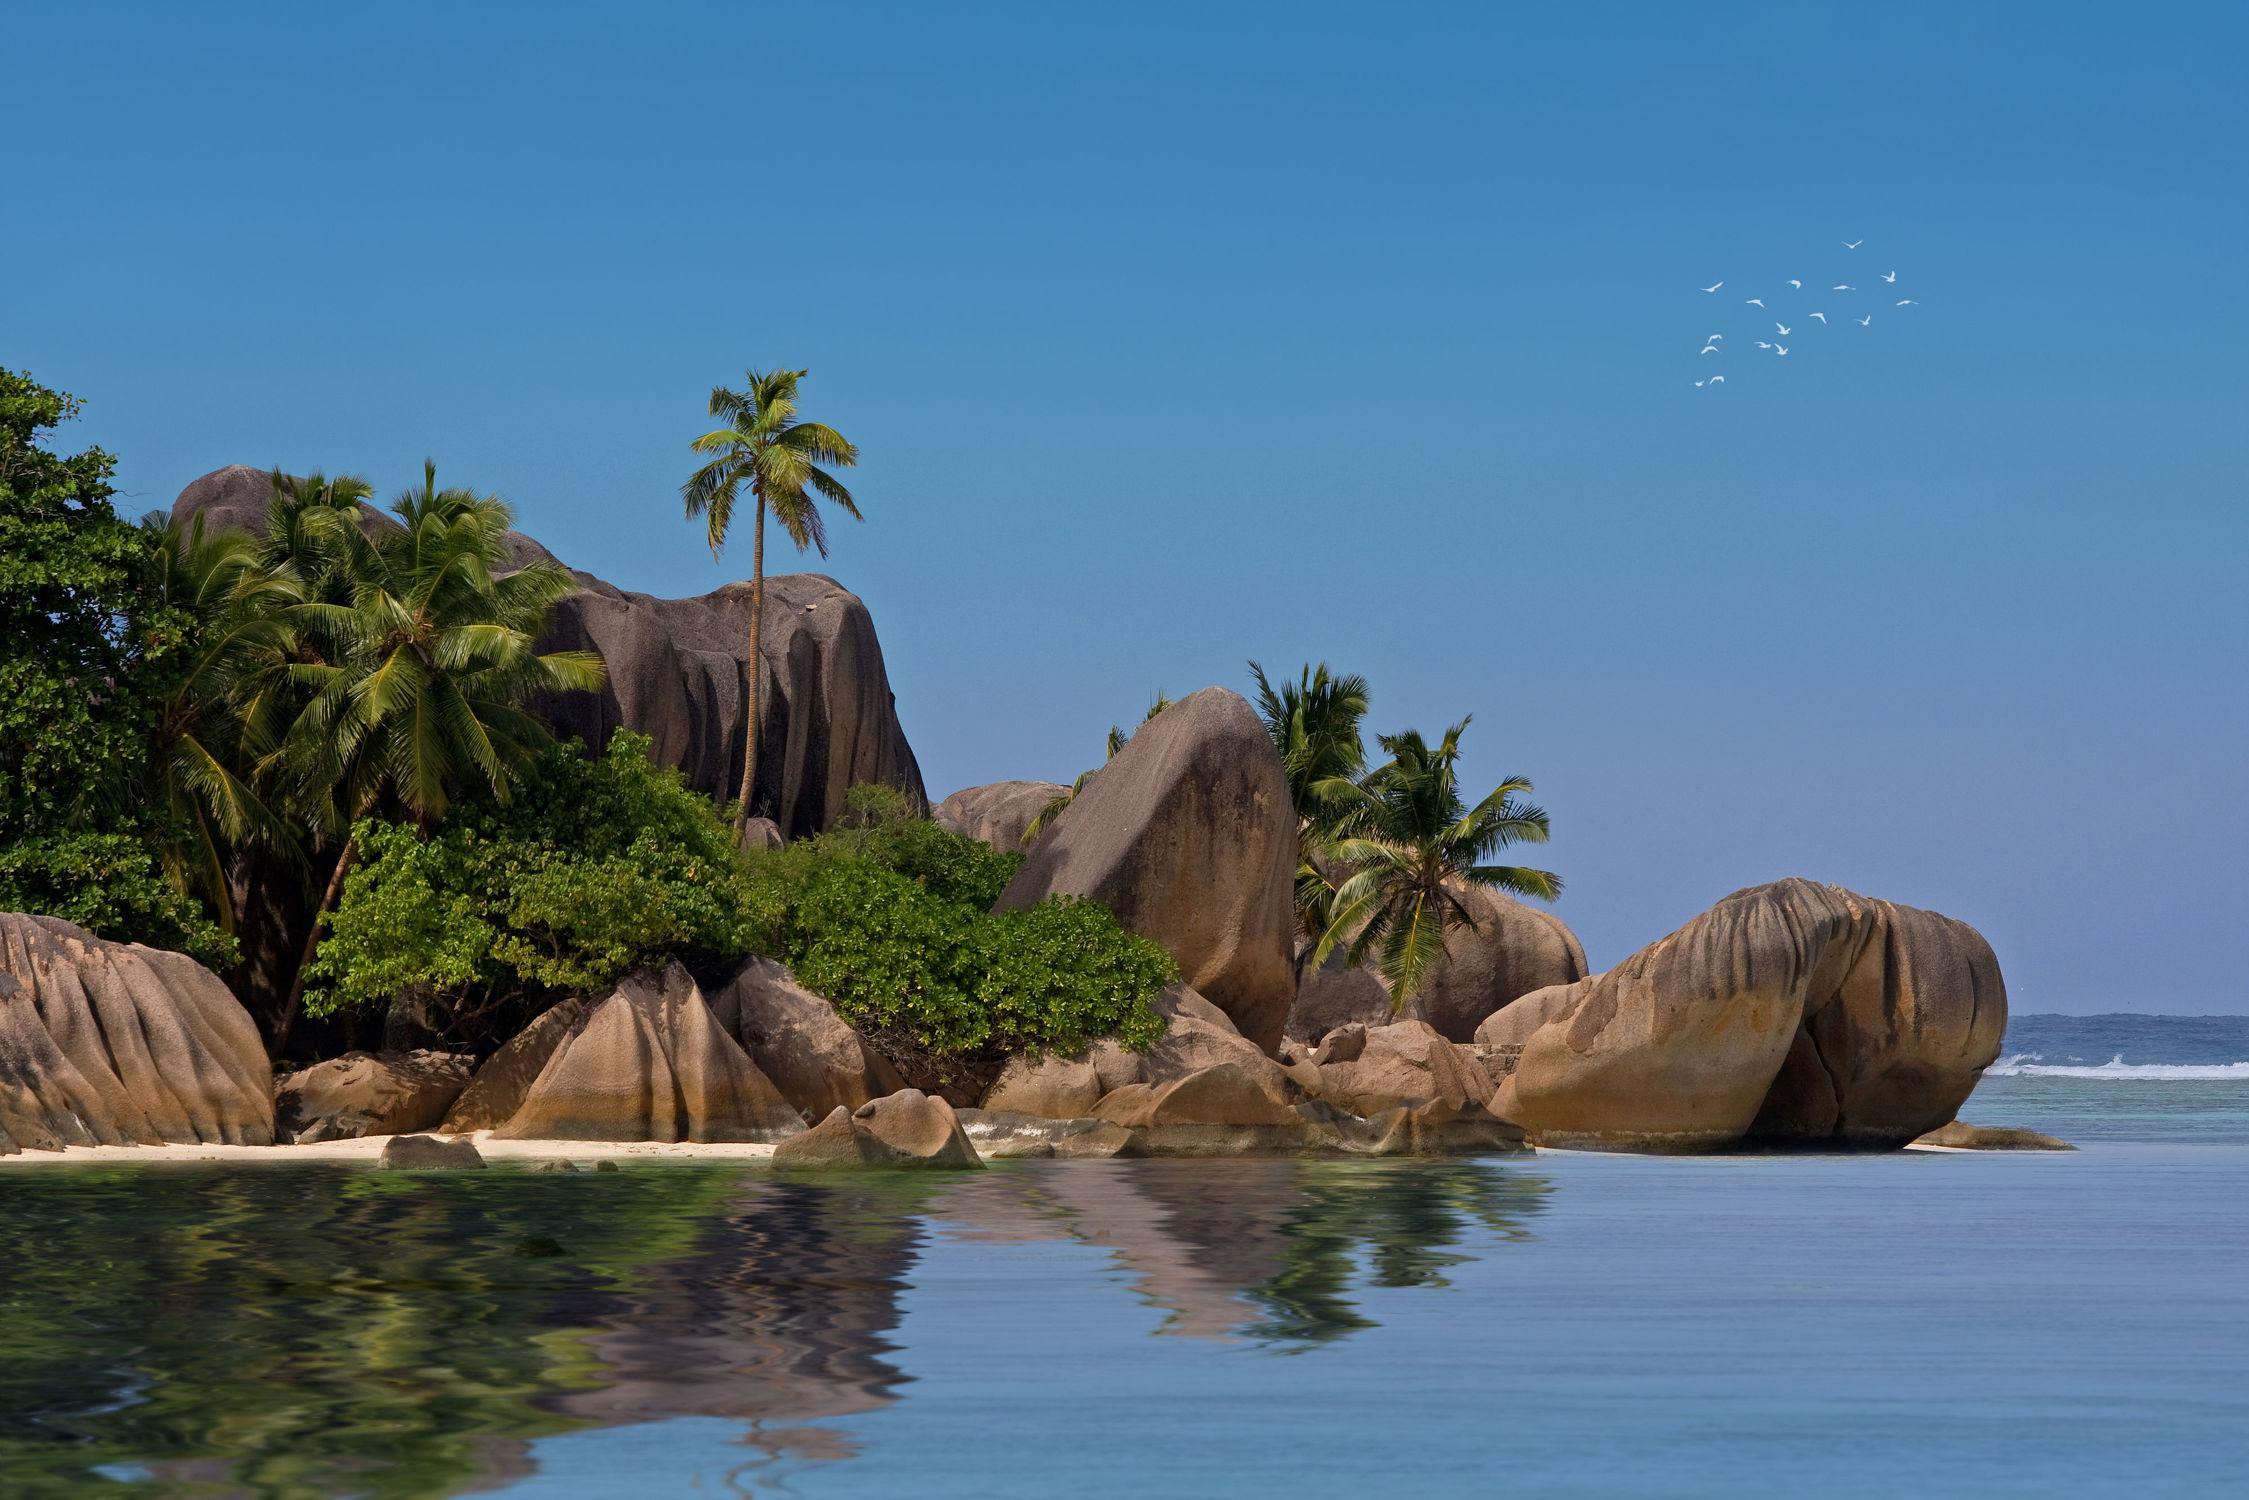 Bild mit Natur, Gewässer, Urlaub, Palmen, Strand, Meer, Palme, Insel, A U F . R E I S E N, island, ozean, Seychellen